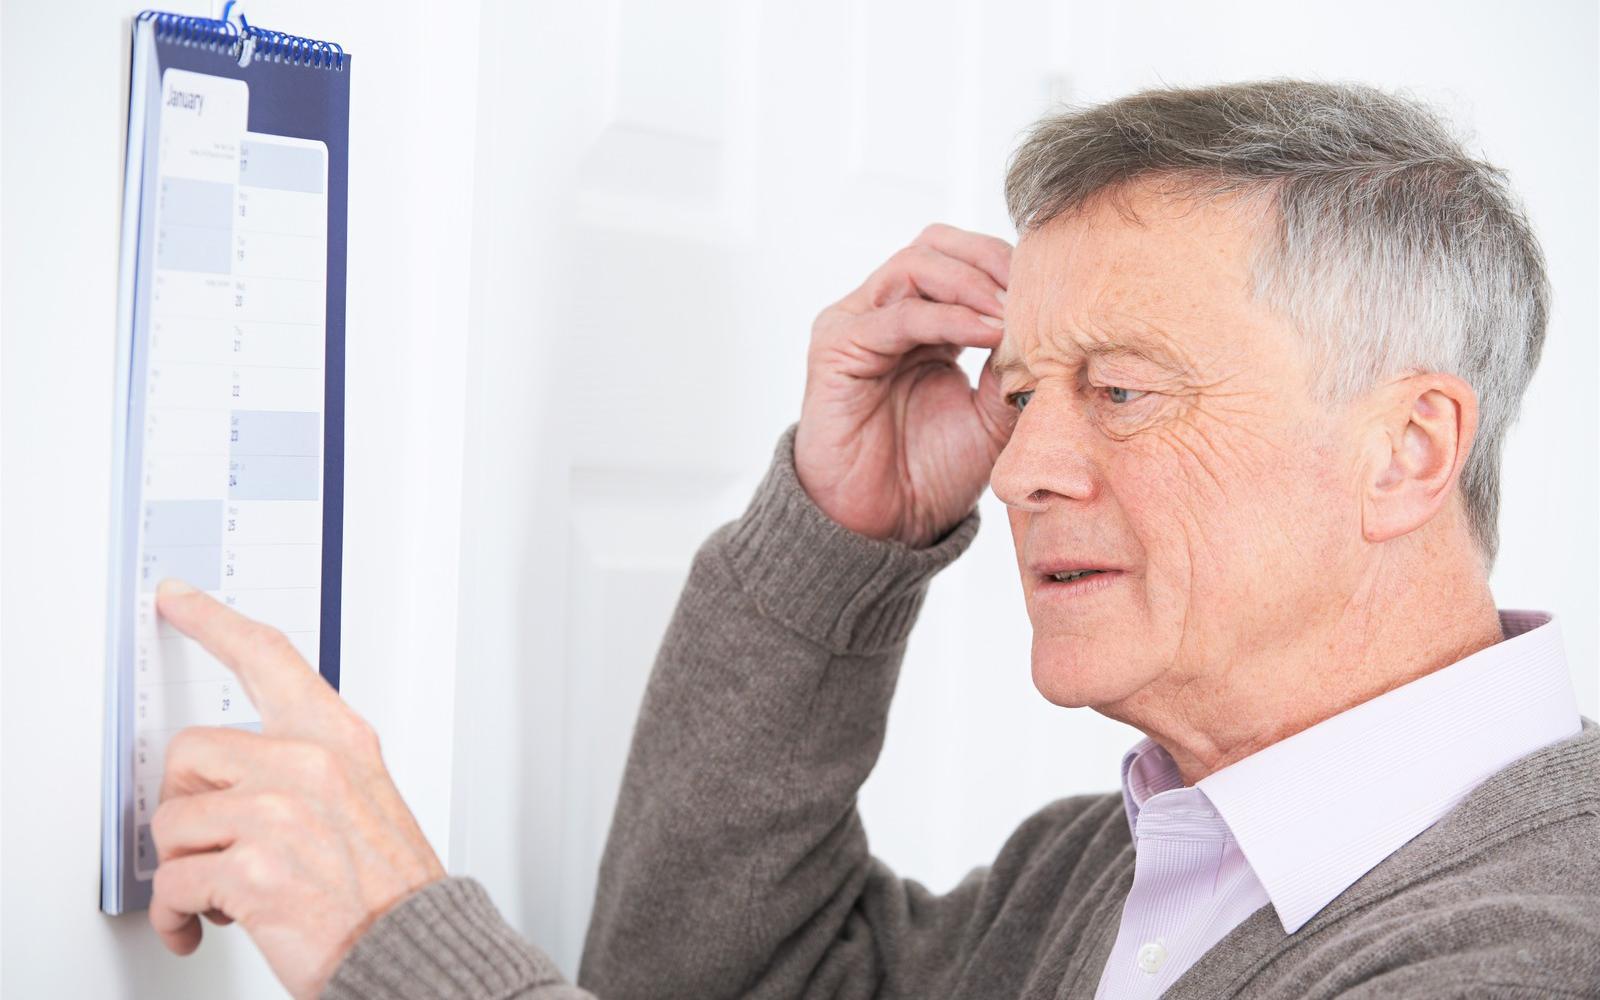 metformin magas vérnyomás esetén Lyon Hart a magas vérnyomás elleni gyógyszer